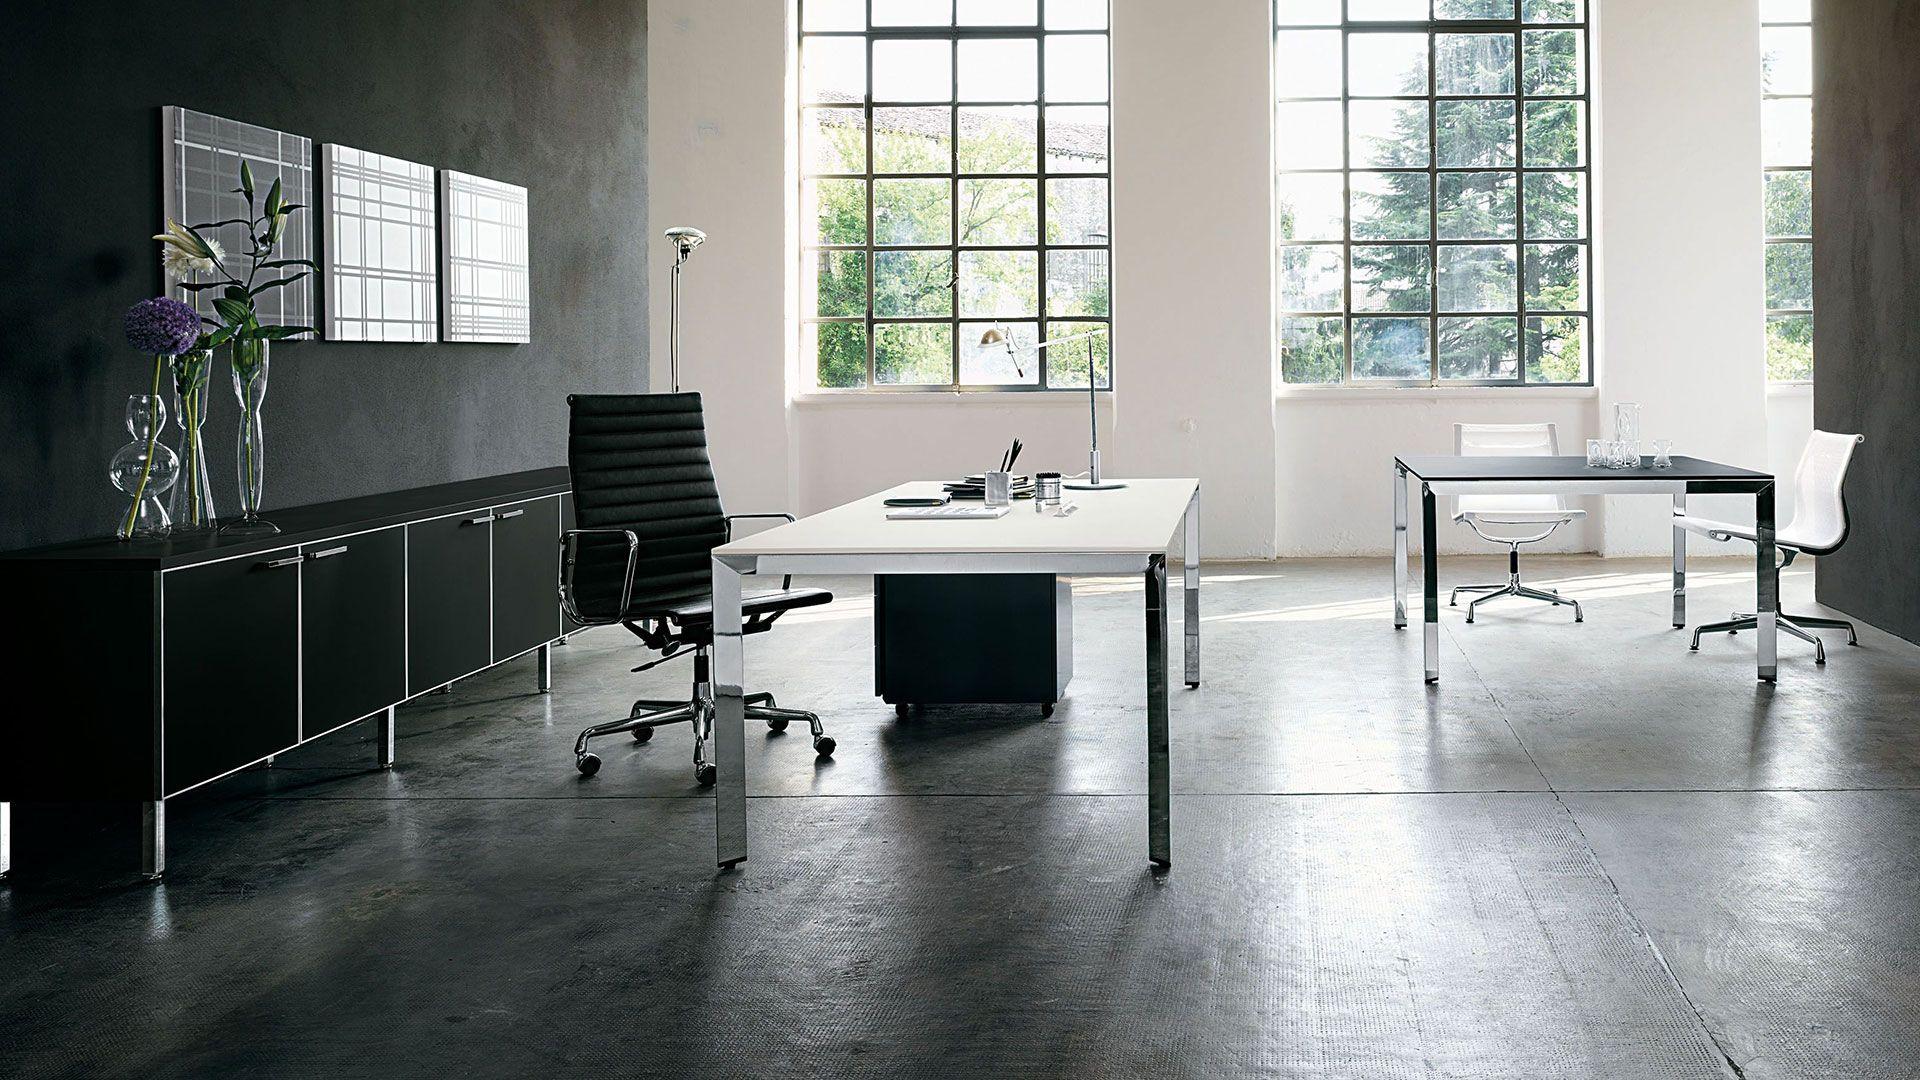 Chefbüro-Chefzimmer-Chefschreibtisch 200 x 100 cm in der Trendfarbe ...